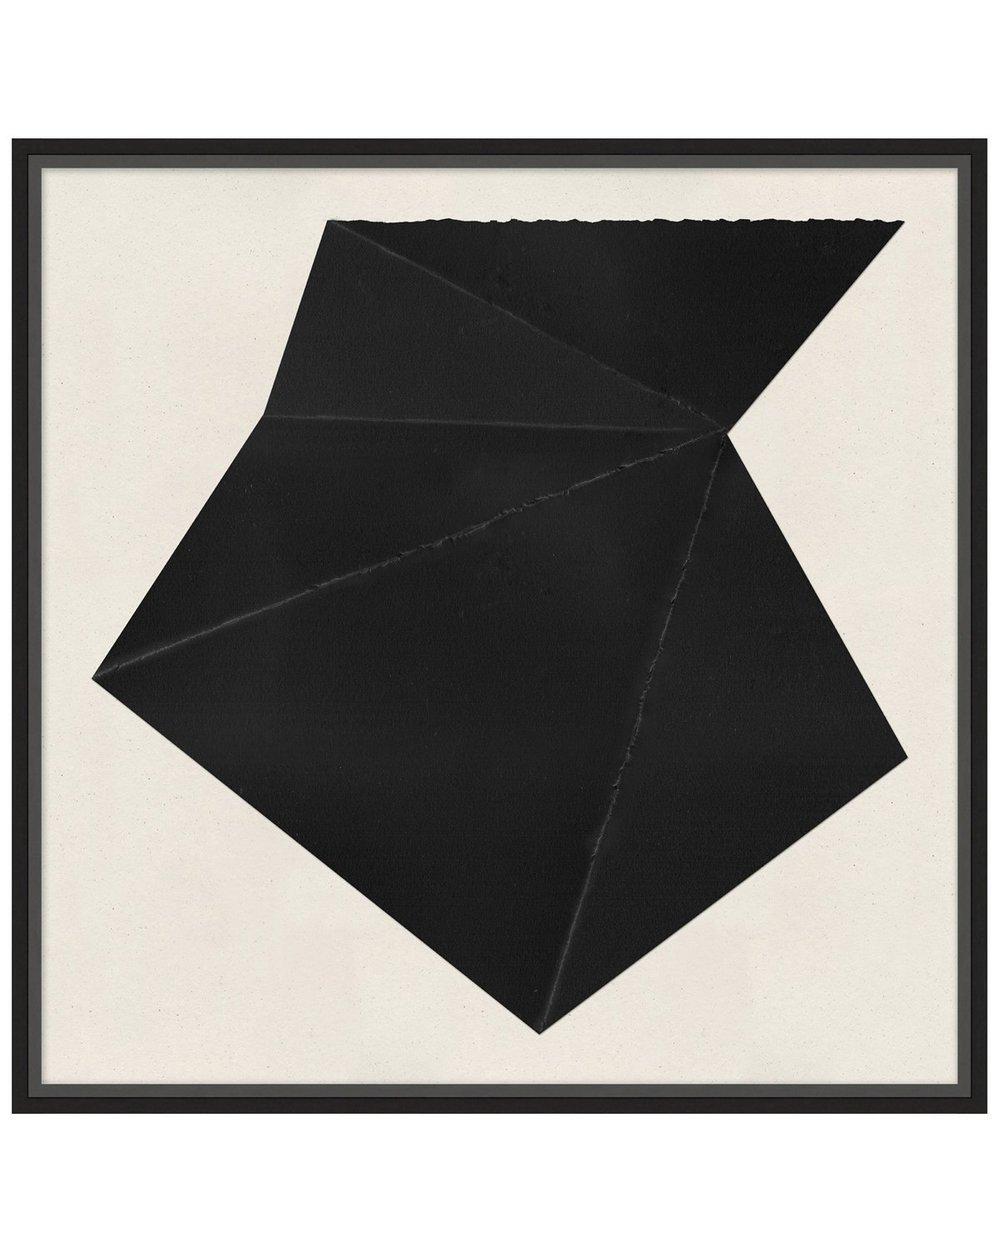 Origami_Art_2_1.jpg